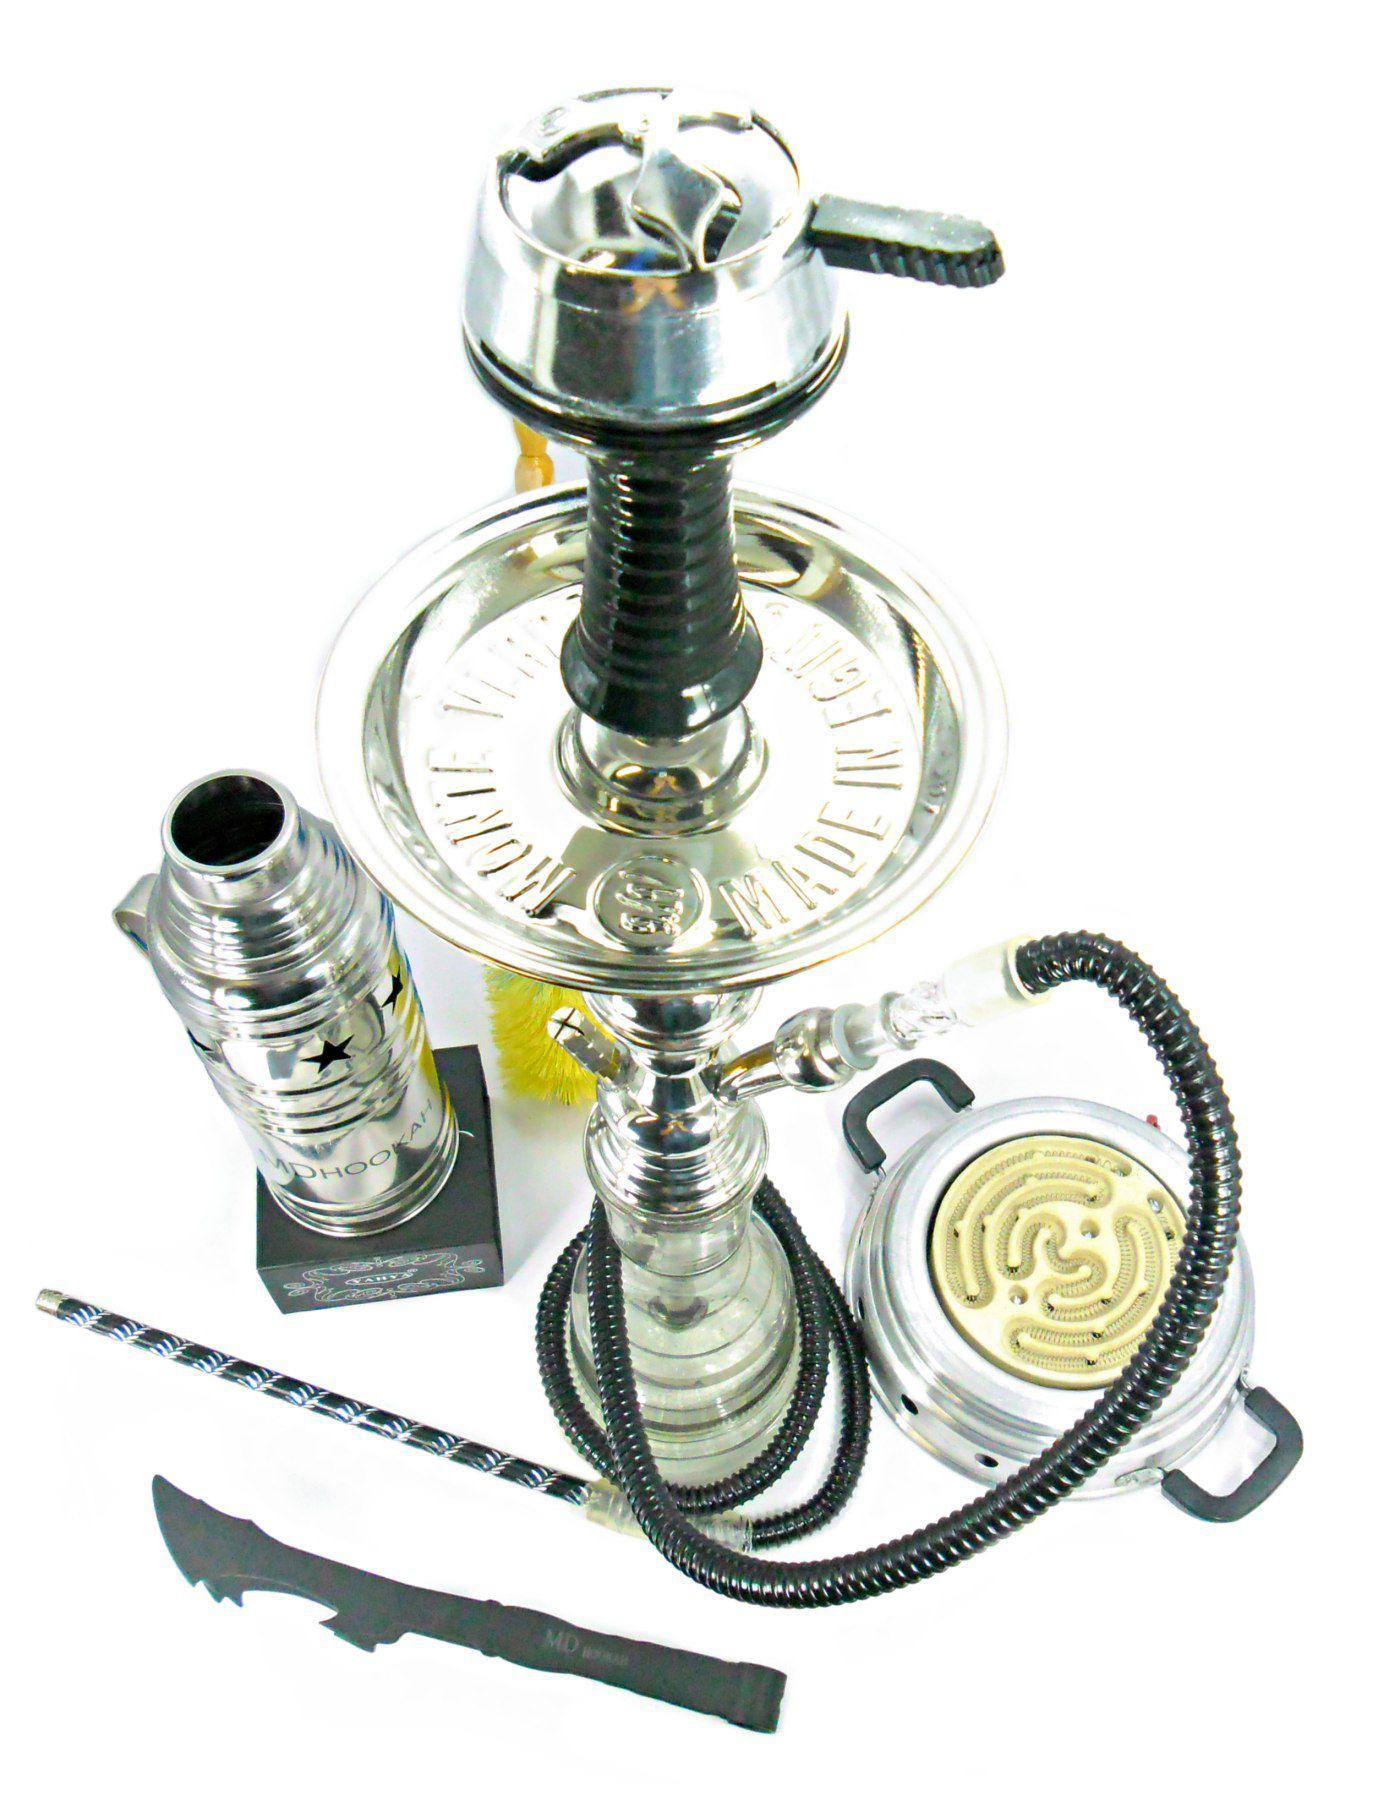 Narguile Egípcio 59cm. Kit com rosh Flux Bowl, abafador, controlador Yahya, pinça, fogareiro elétrico.